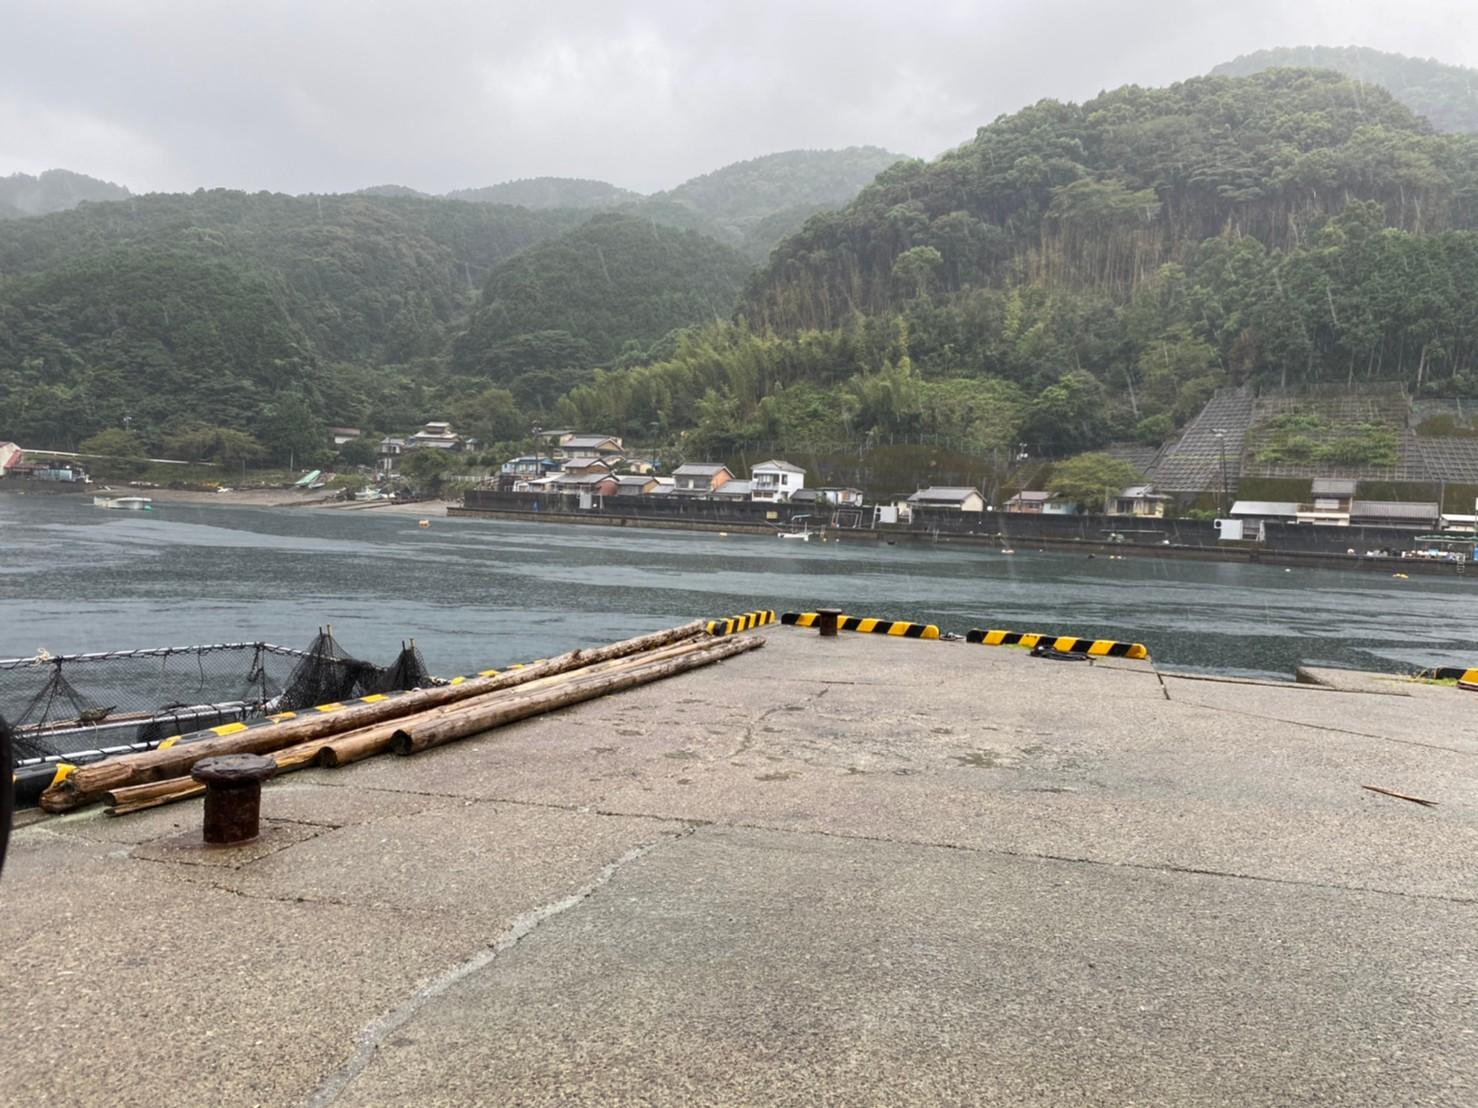 【三重県熊野市】『二木島港(にぎしまこう)』の海釣りガイド(釣れる魚・駐車場・トイレ)